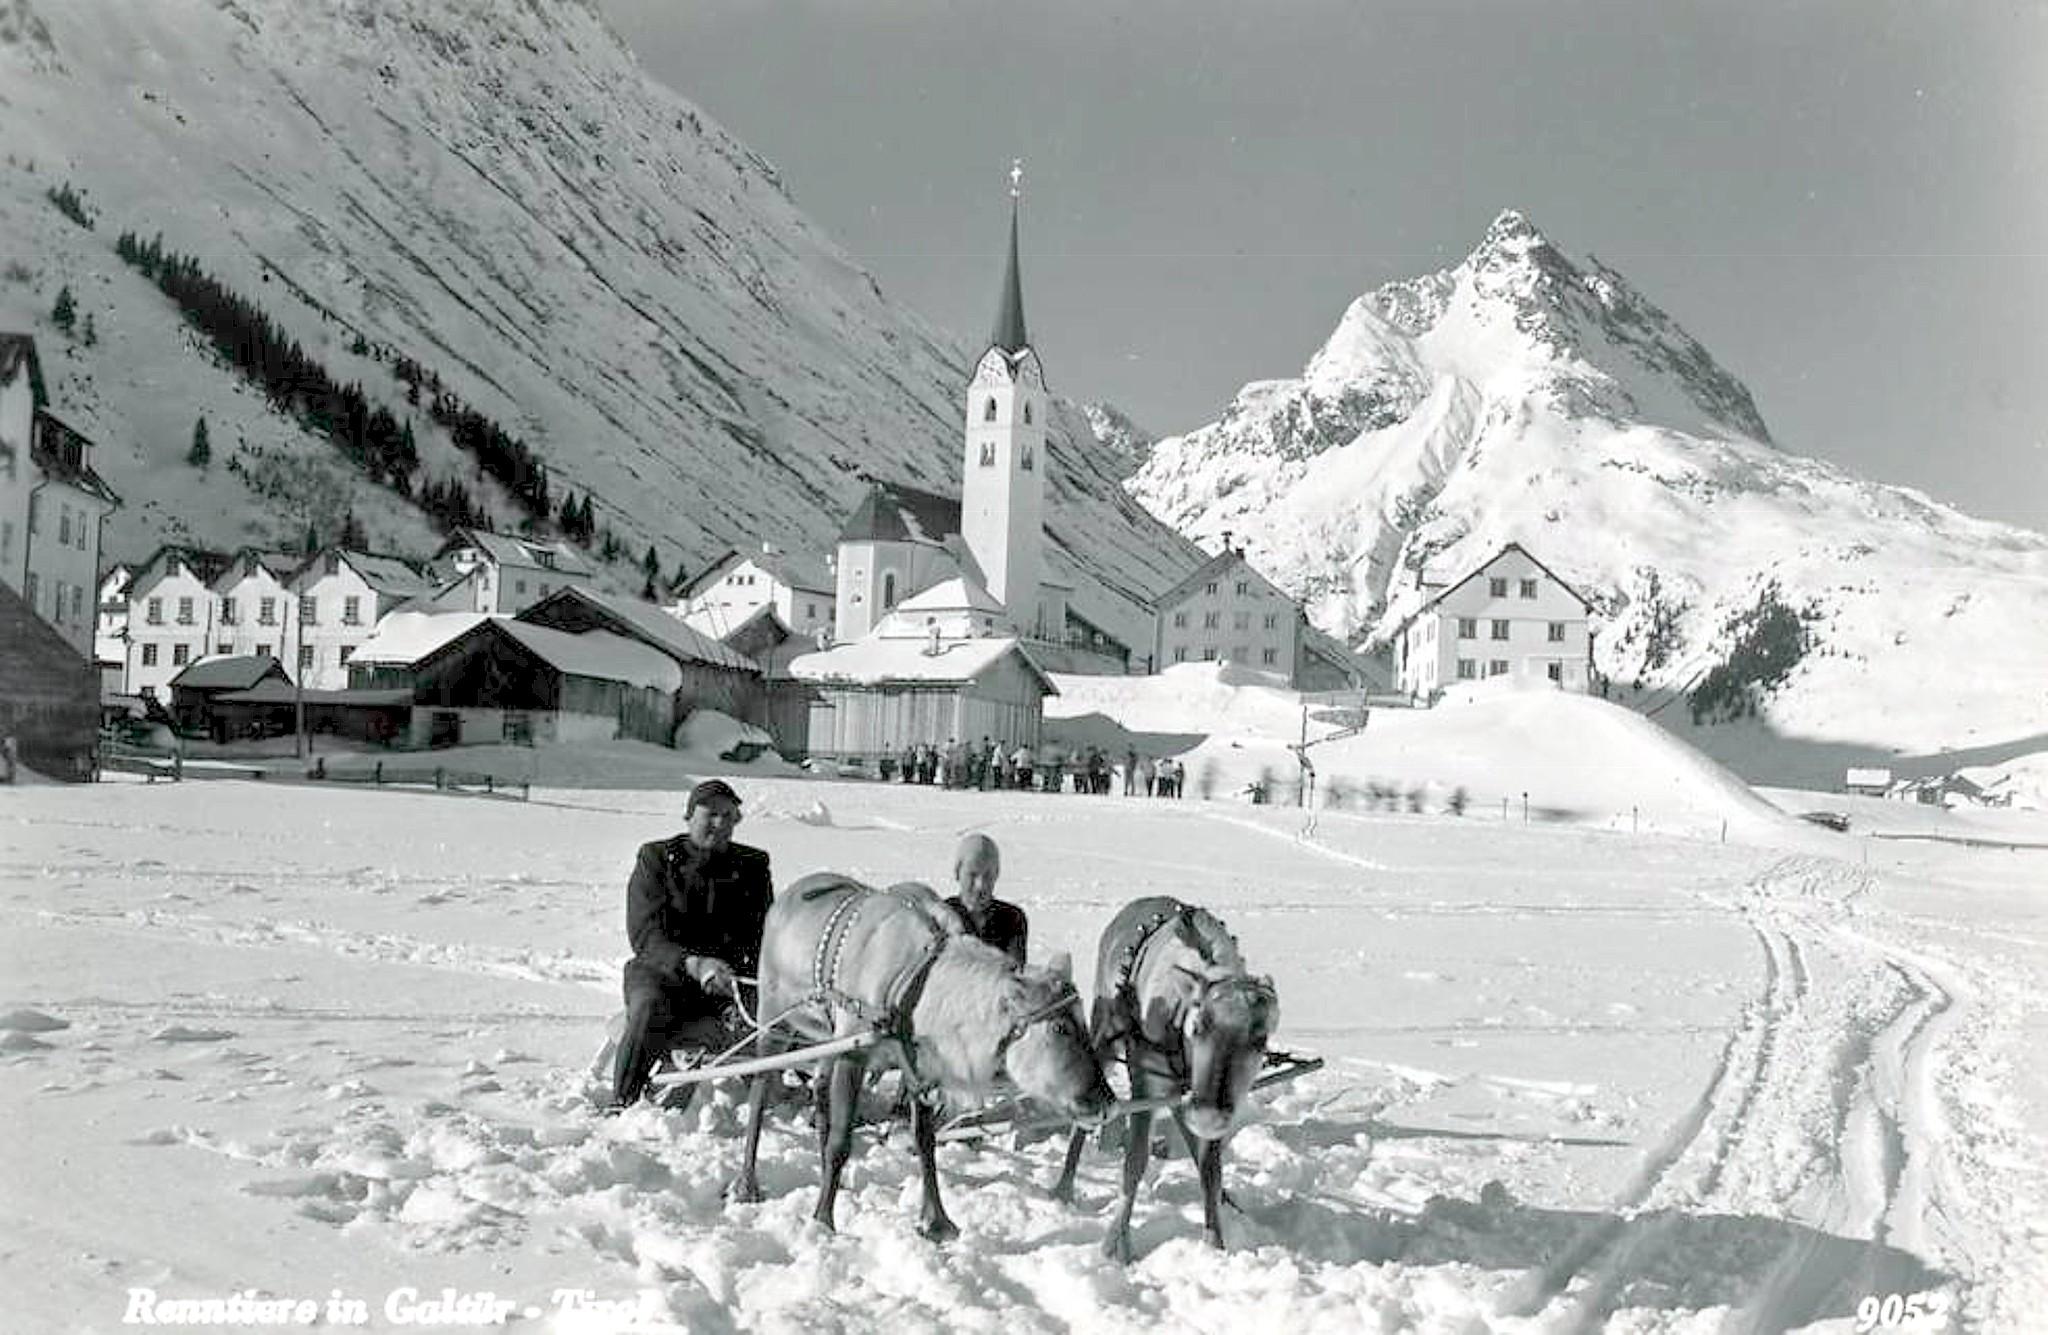 Galtür 1955, Rentiere im Winter